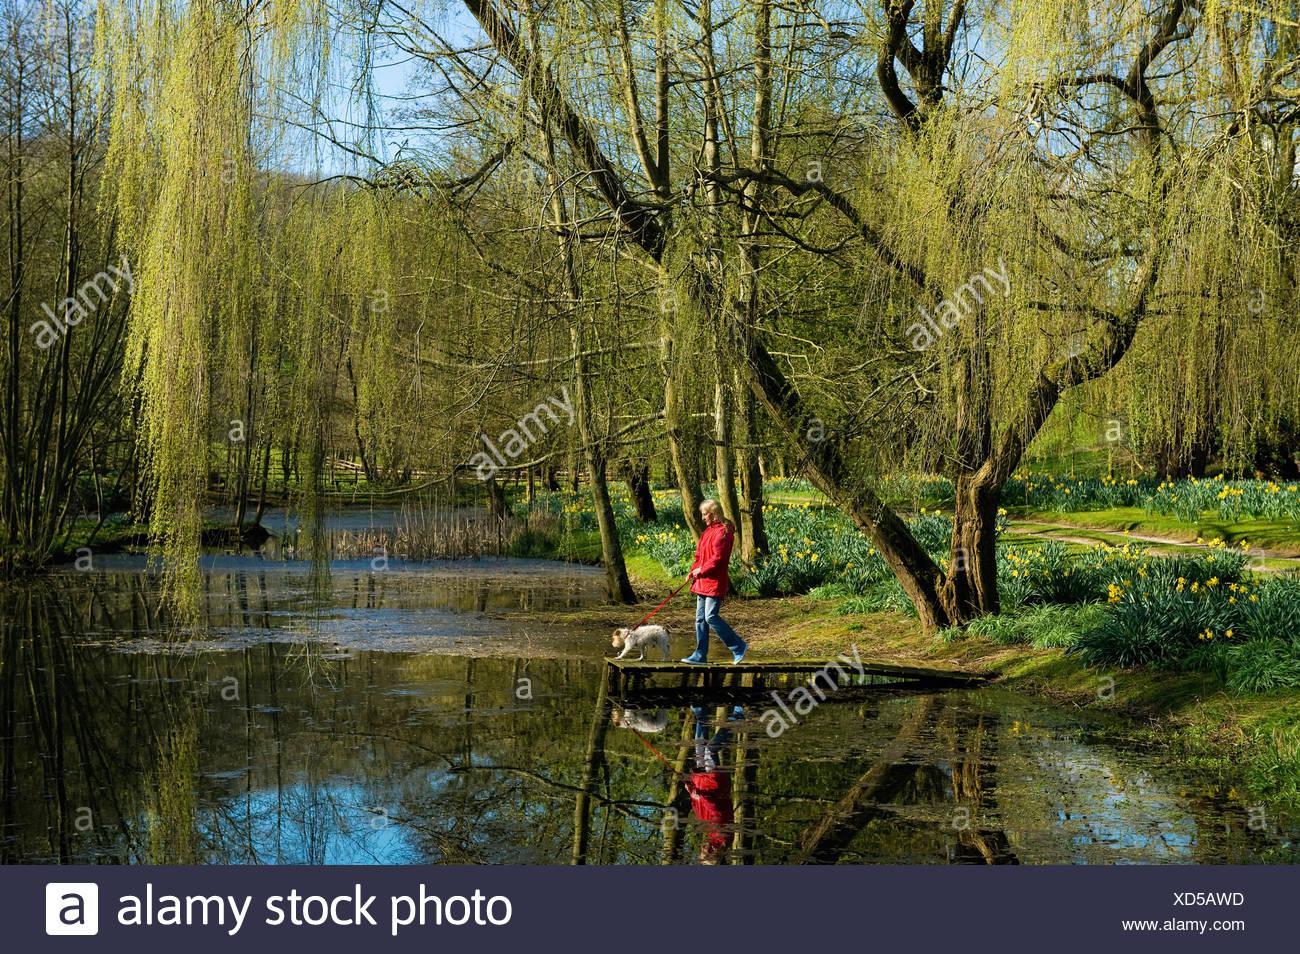 Una mujer y un perro en un embarcadero sobre un lago, bajo un gran árbol de sauce llorón. Imagen De Stock